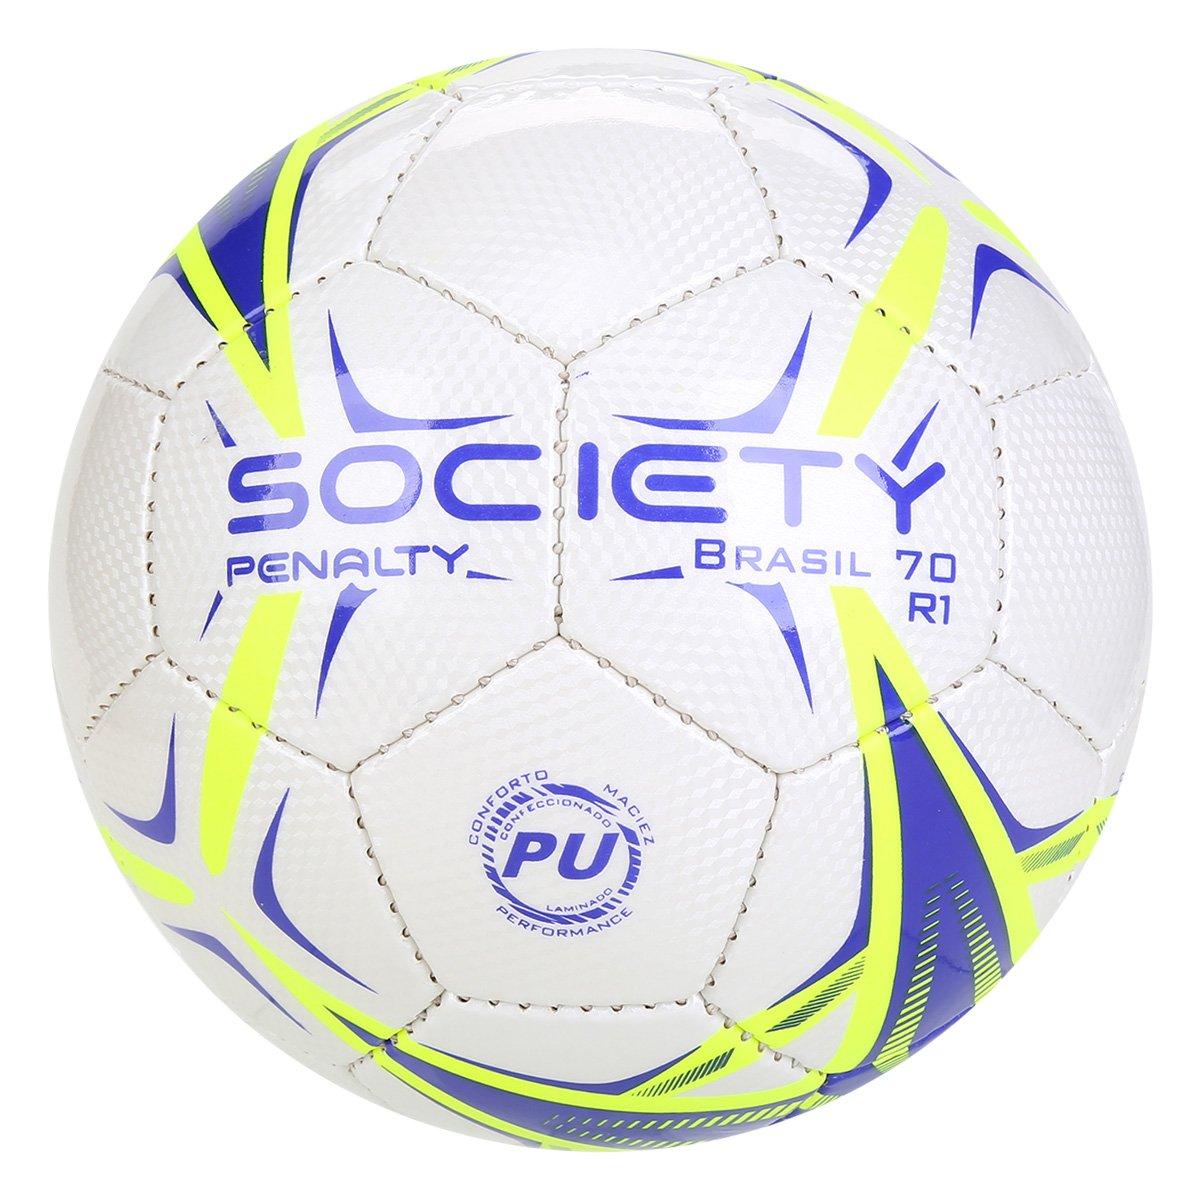 Bola de Society Penalty Brasil 70 R1 X